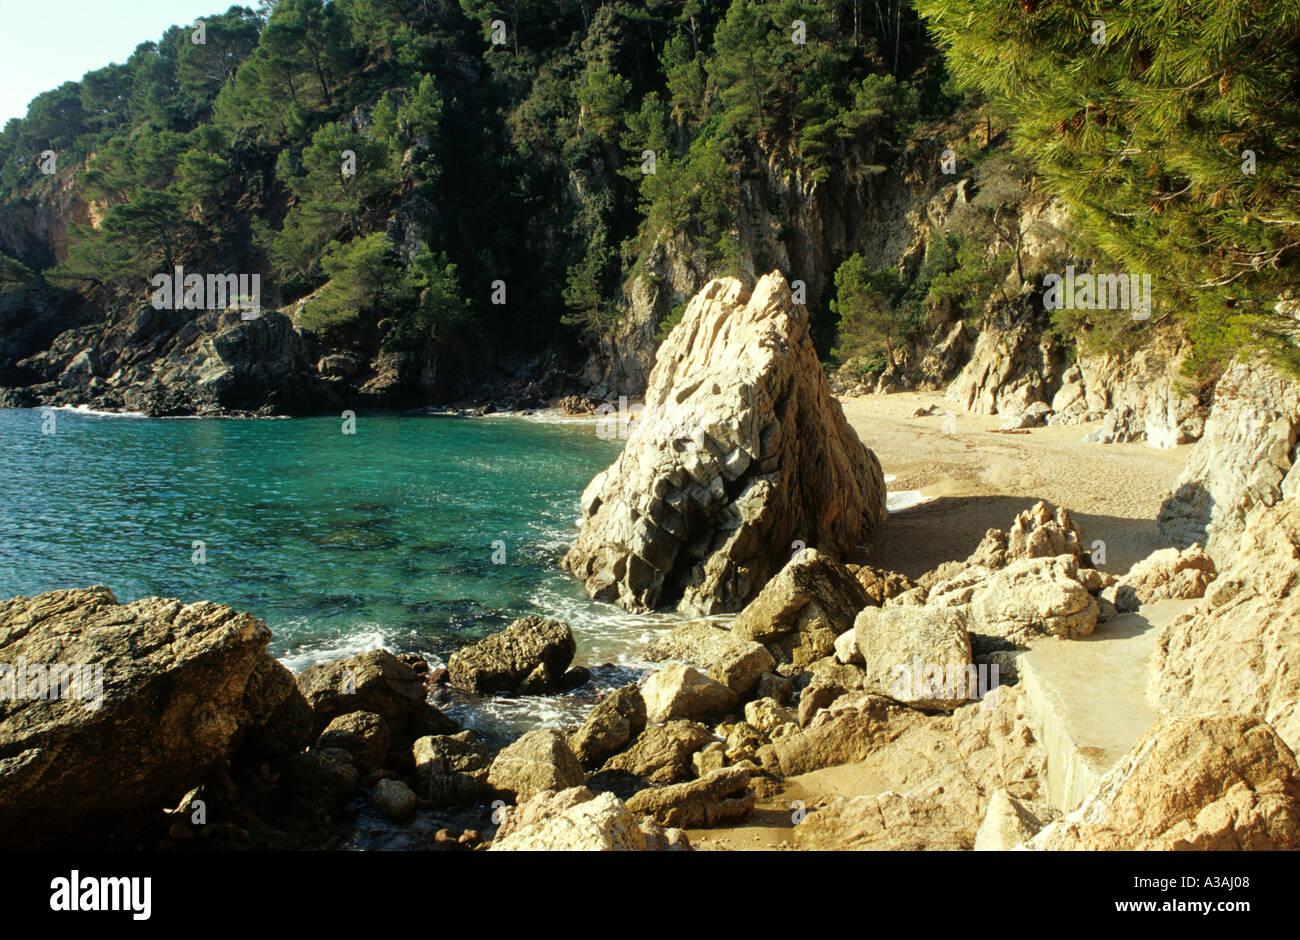 España, Cataluña, Costa Brava, en el borde del agua. Imagen De Stock